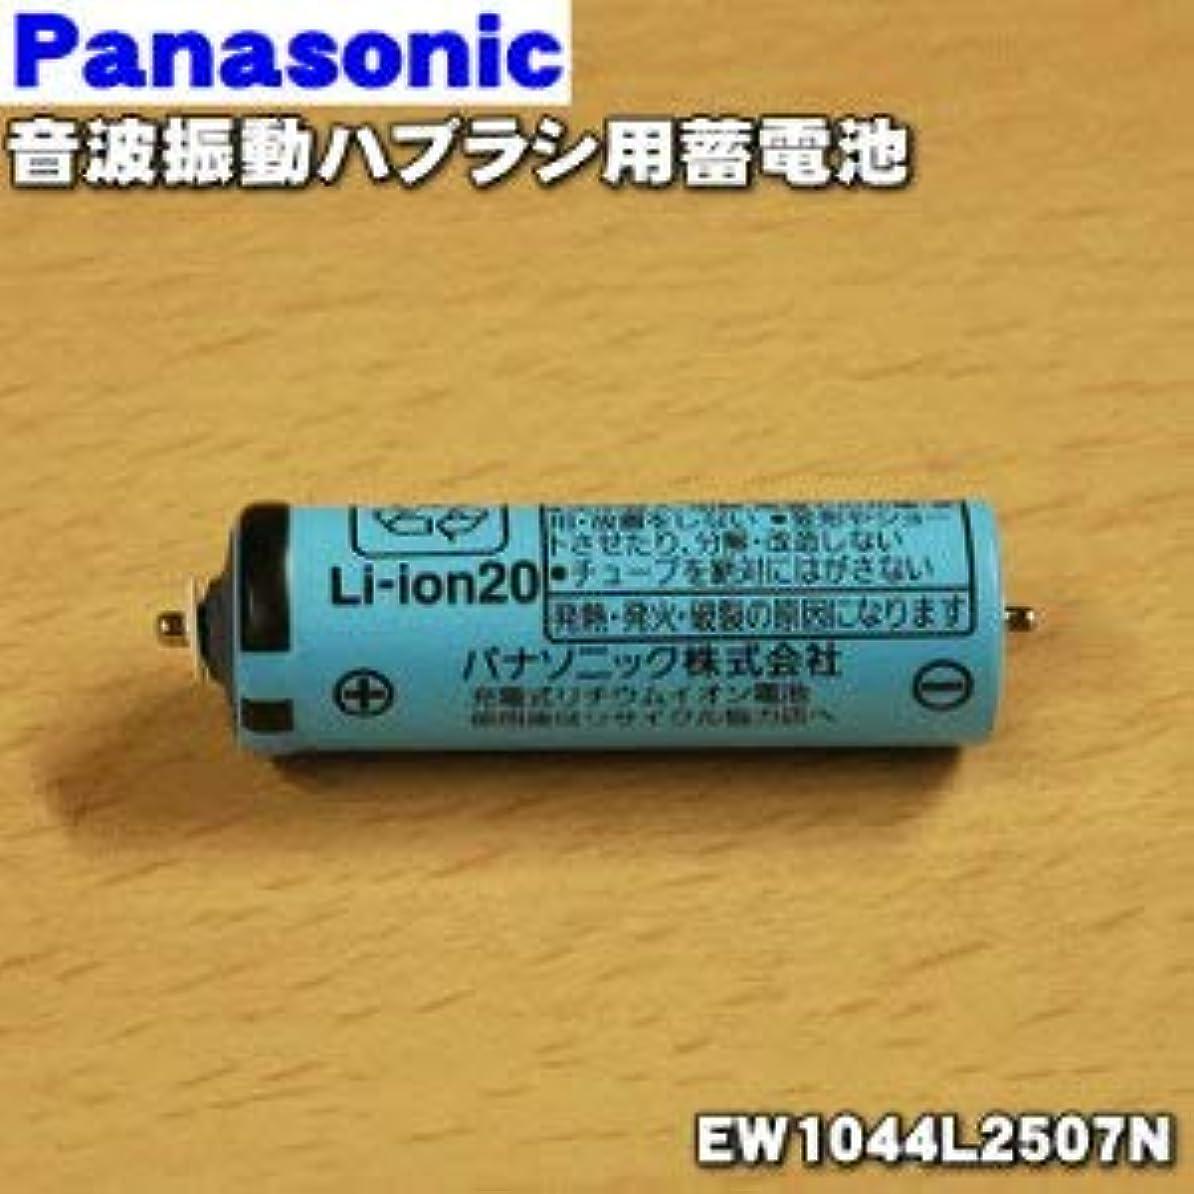 直立不格好植物学【ゆうパケット対応品】 パナソニック Panasonic 音波振動ハブラシ Doltz 蓄電池交換用蓄電池 EW1044L2507N